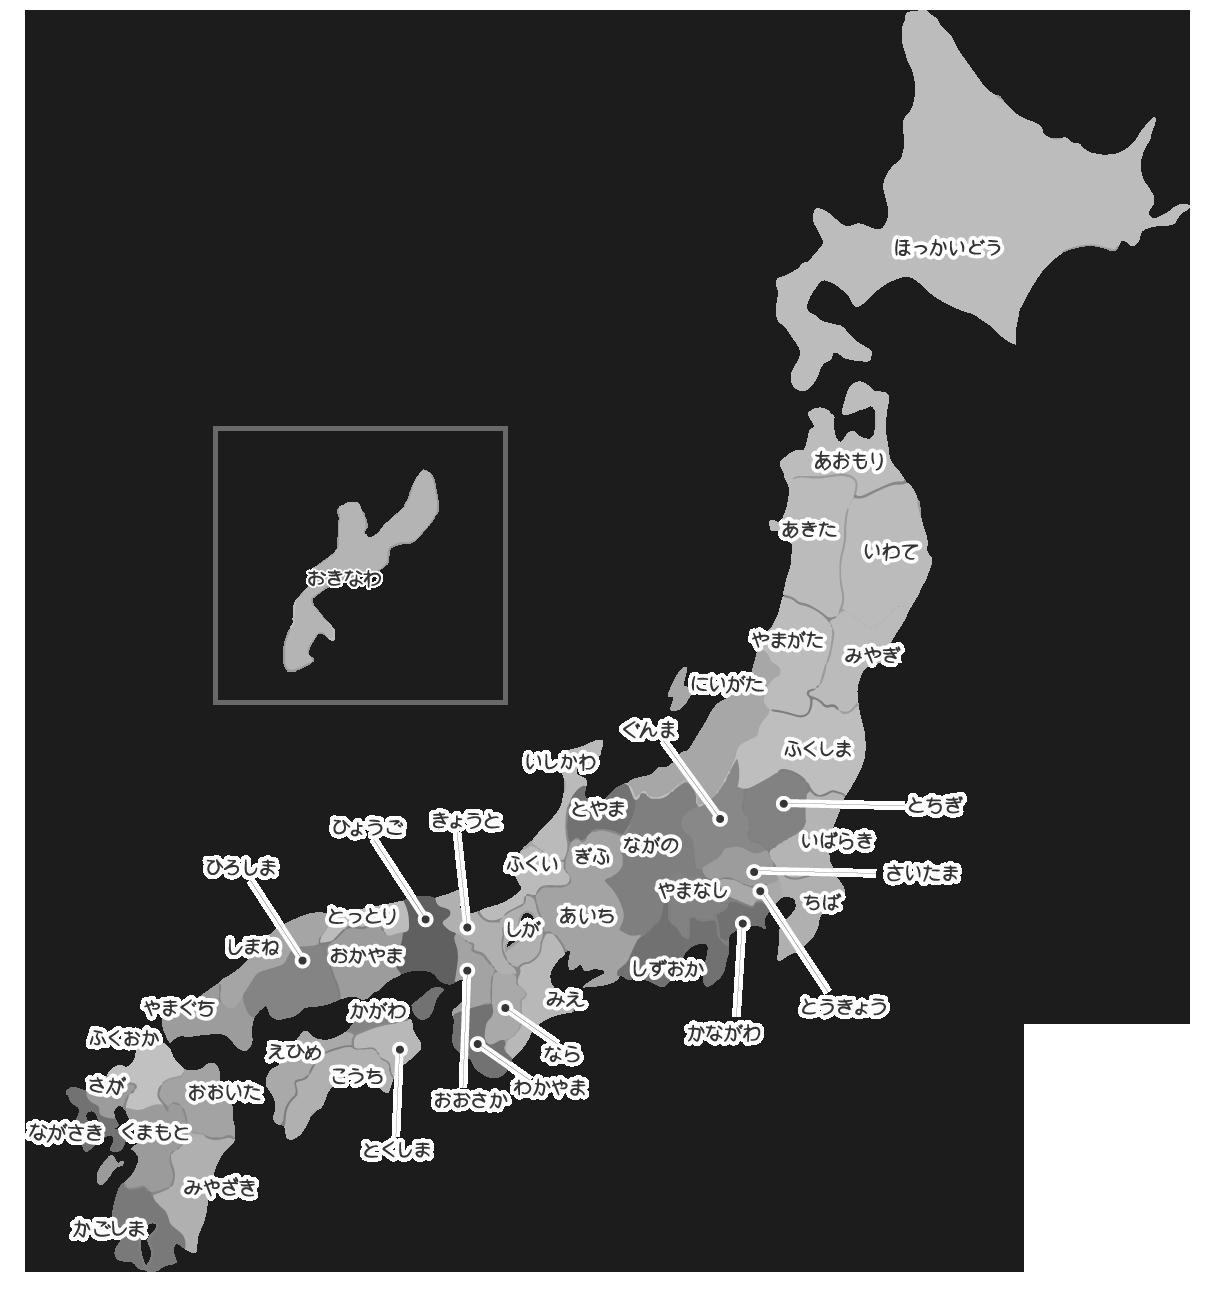 白黒の日本地図(名称入り)のイラスト